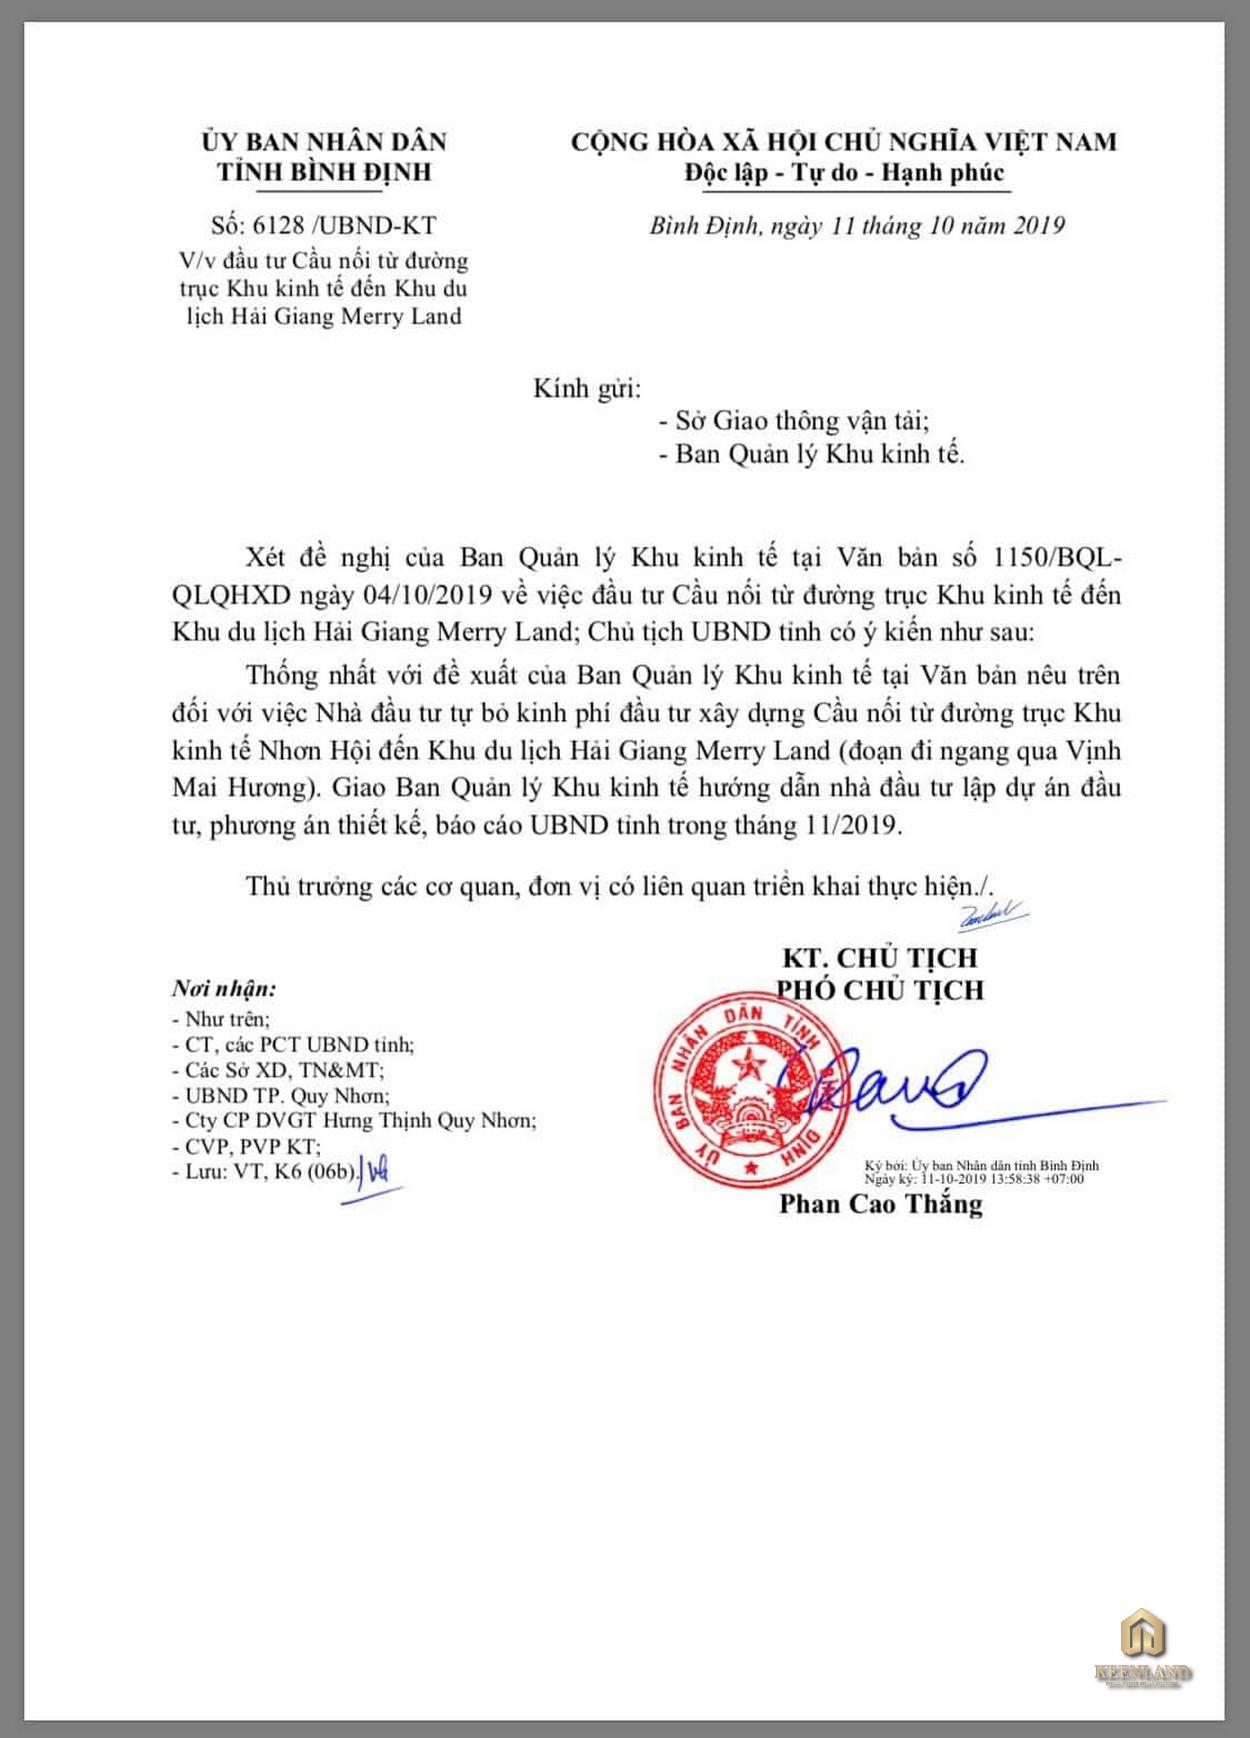 Pháp lý dự án Merry Land chủ đầu tư Hưng Thịnh